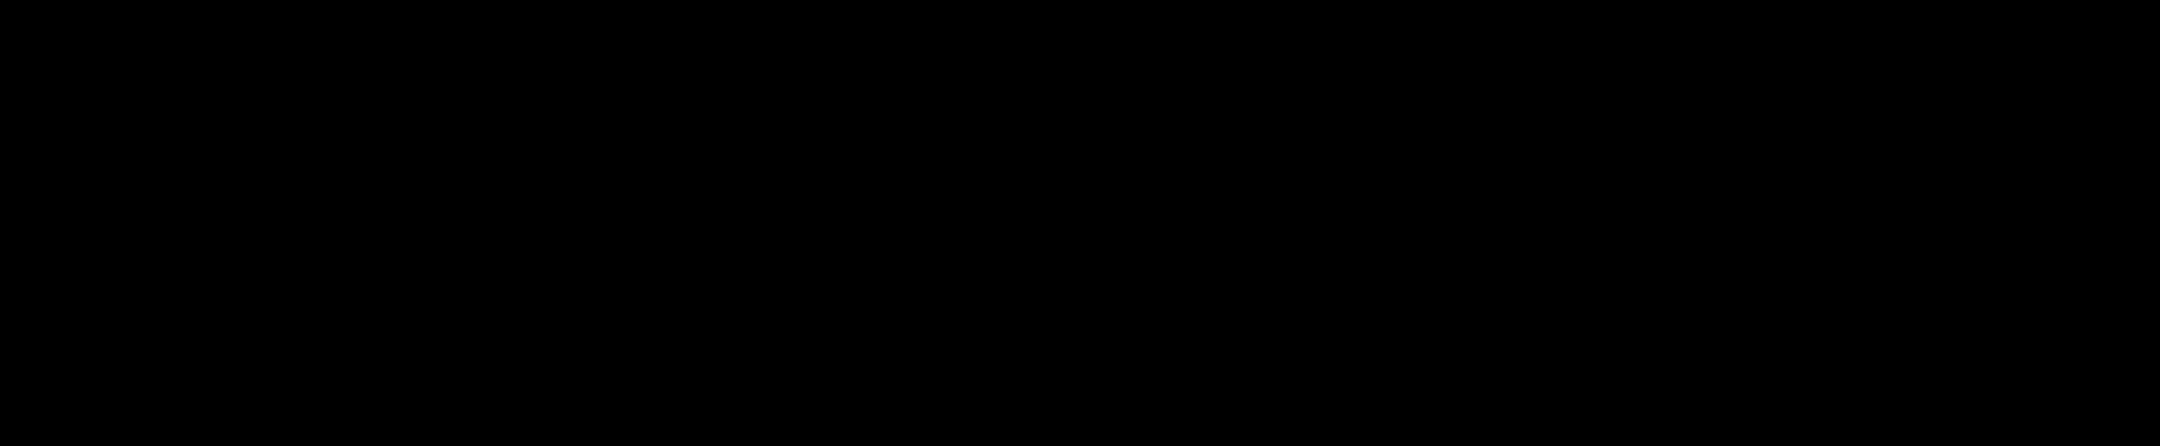 asus logo 1 1 - ASUS Logo